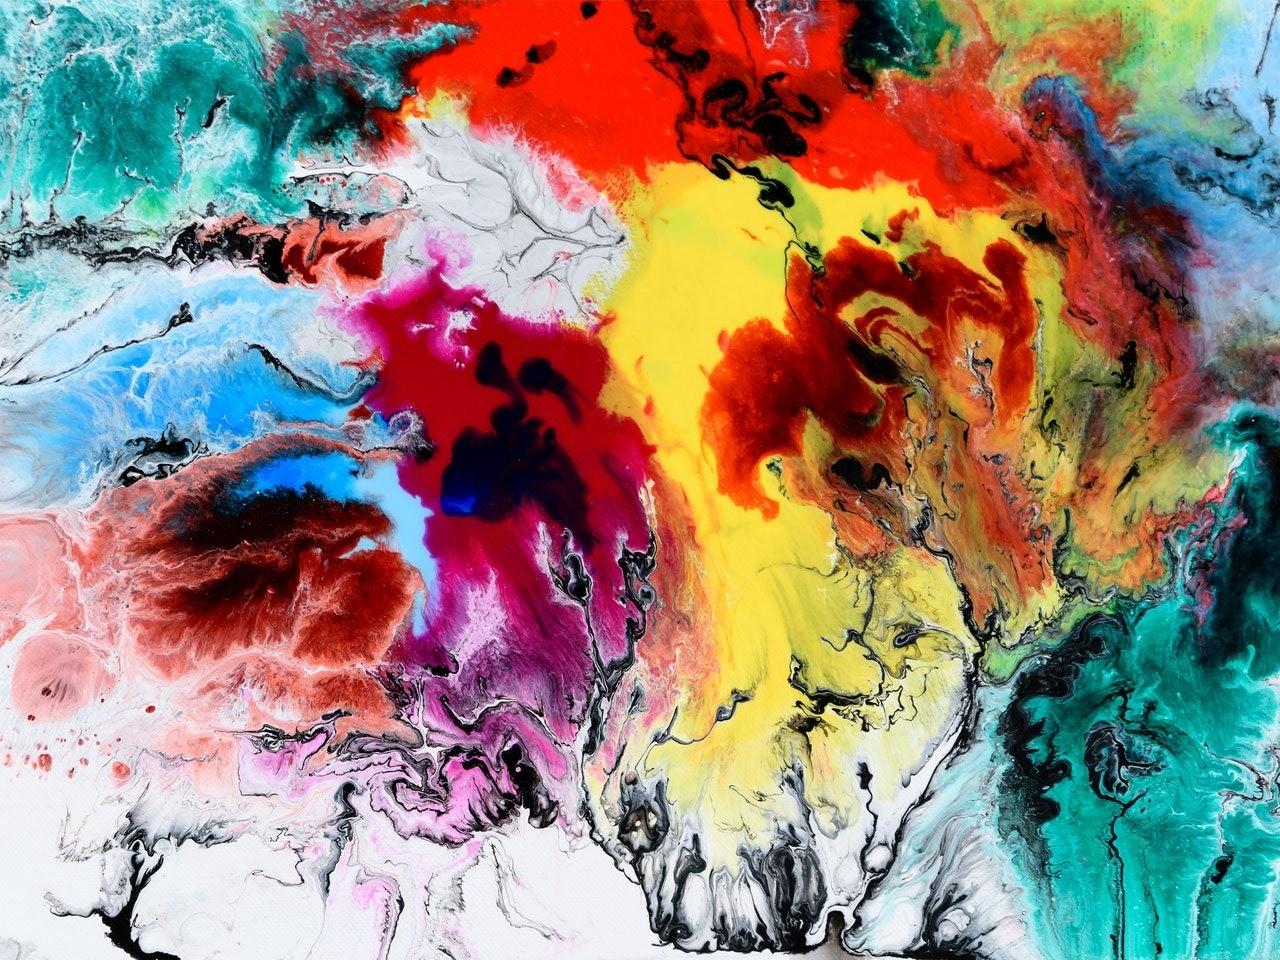 Как цвет поможет тебе вылечиться? Действенный прием цветотерапии